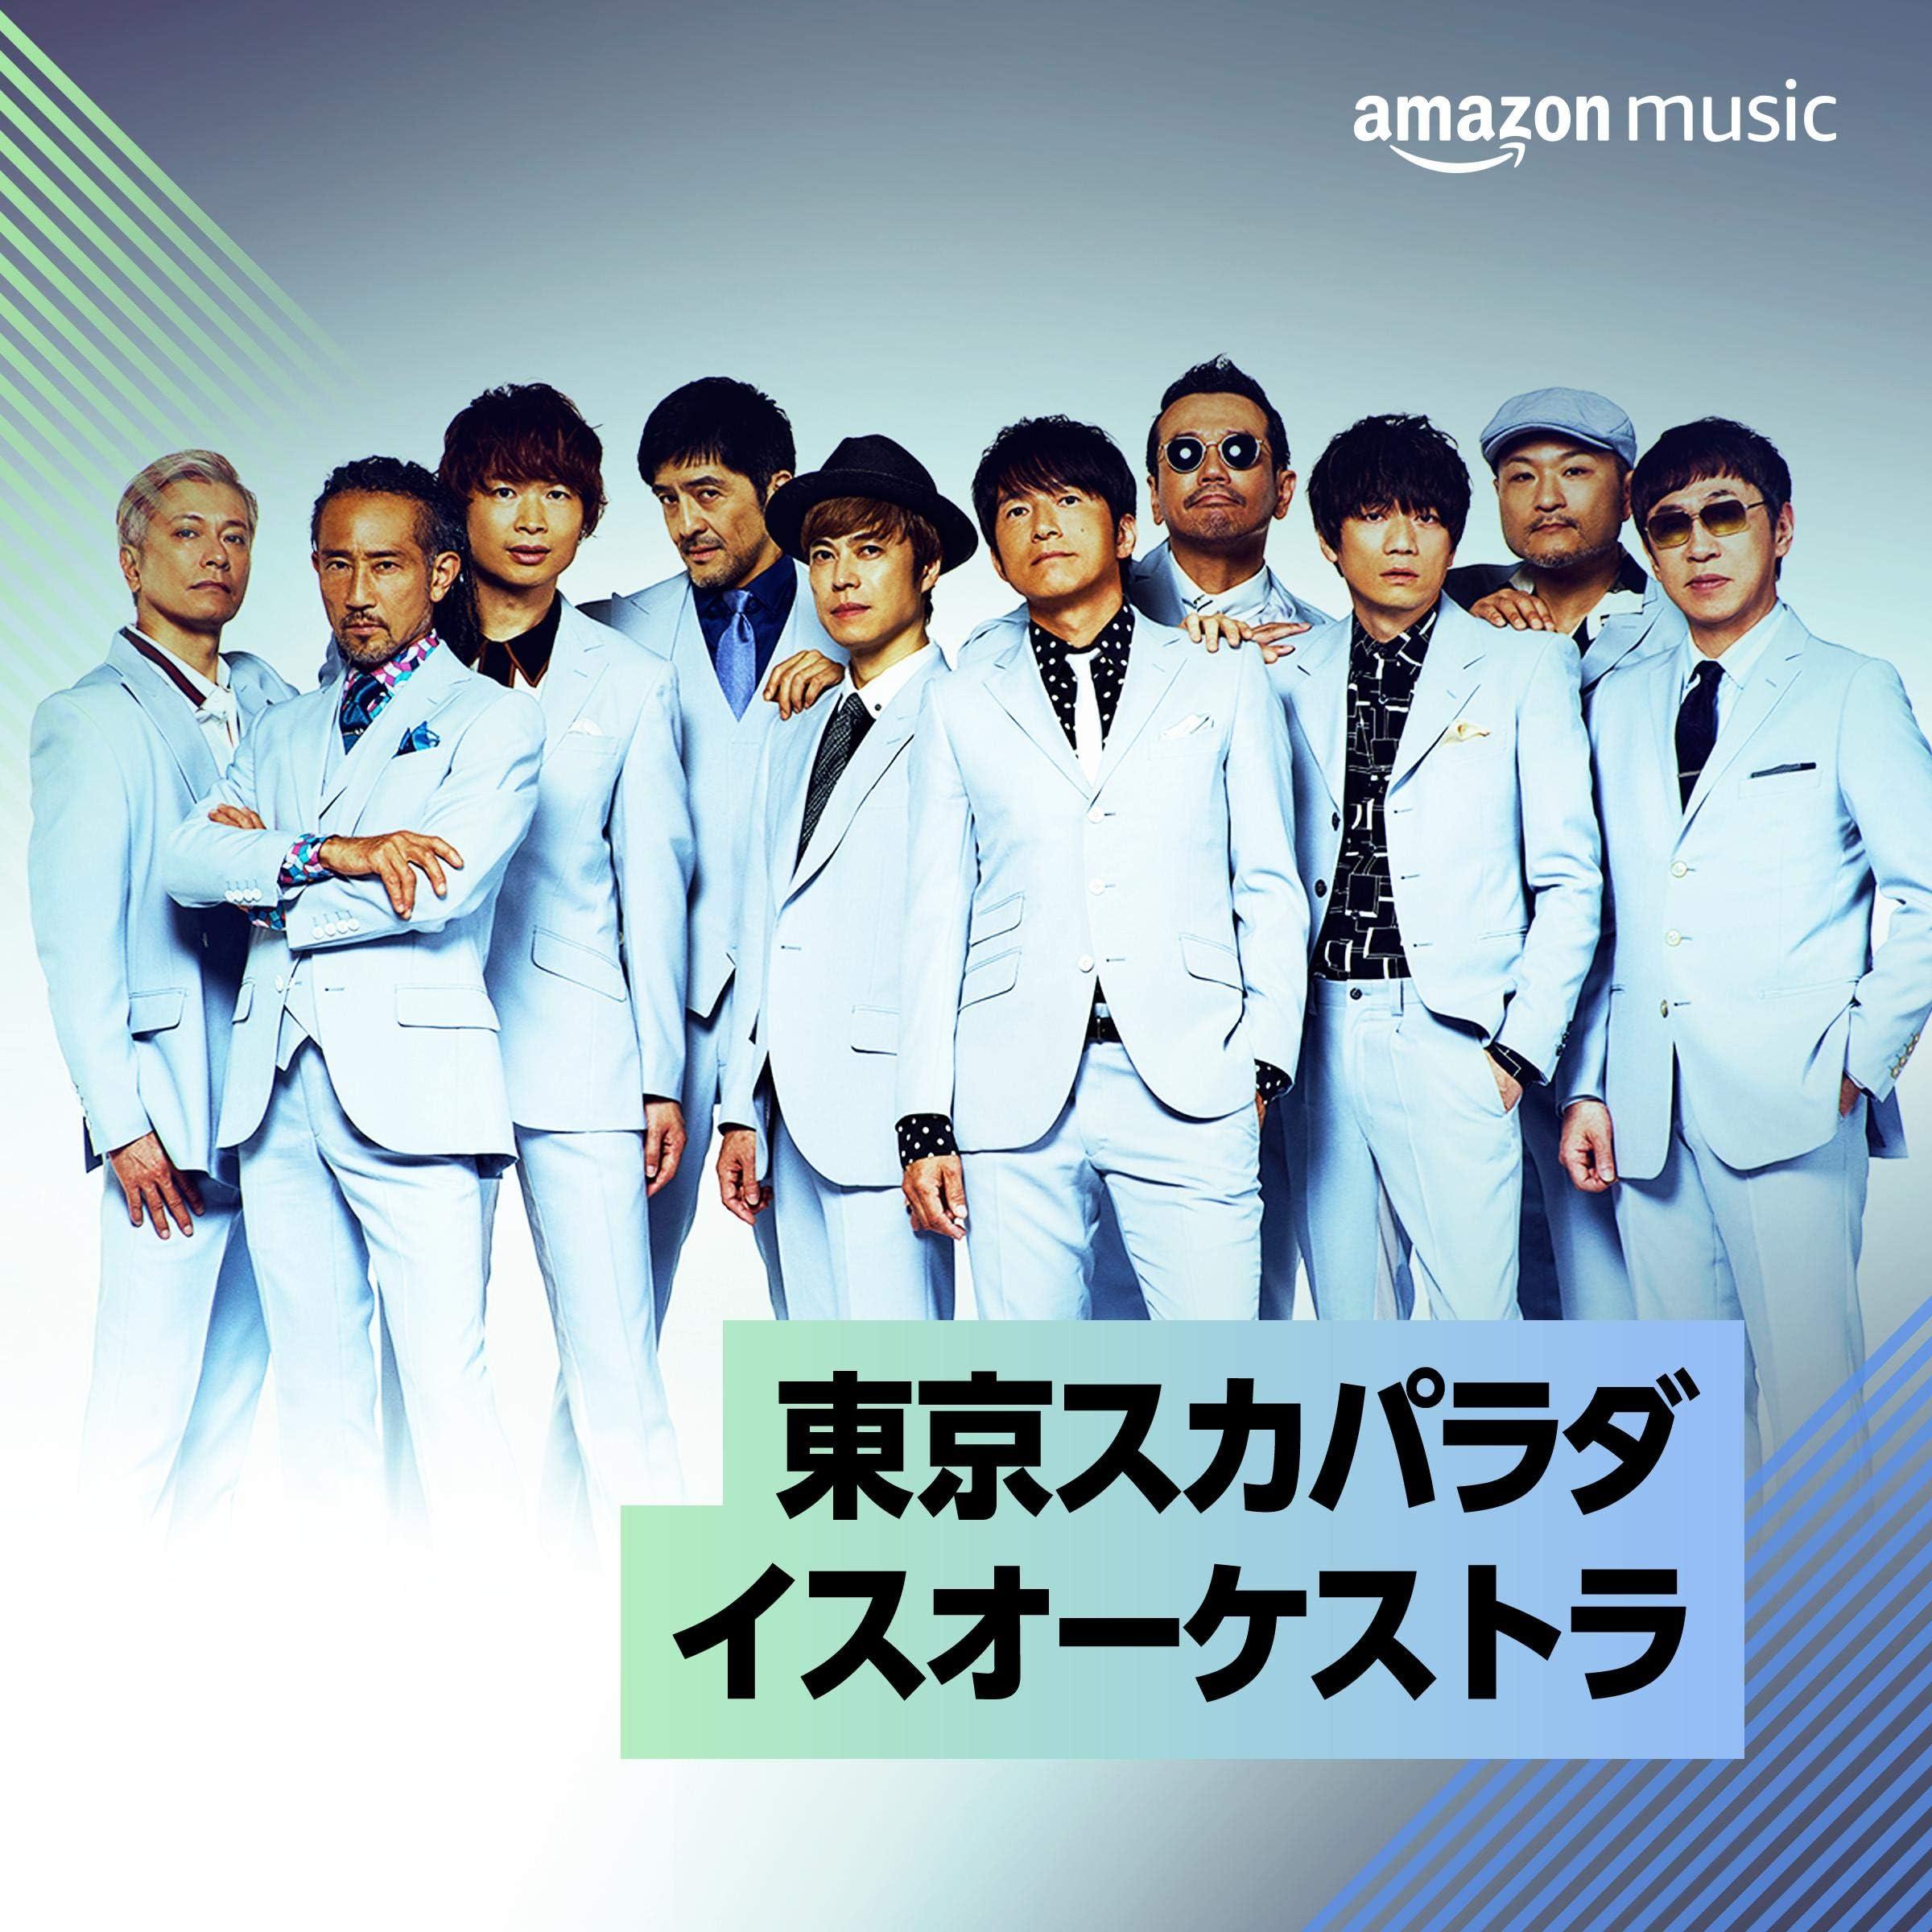 東京スカパラダイスオーケストラを聴いているお客様におすすめ